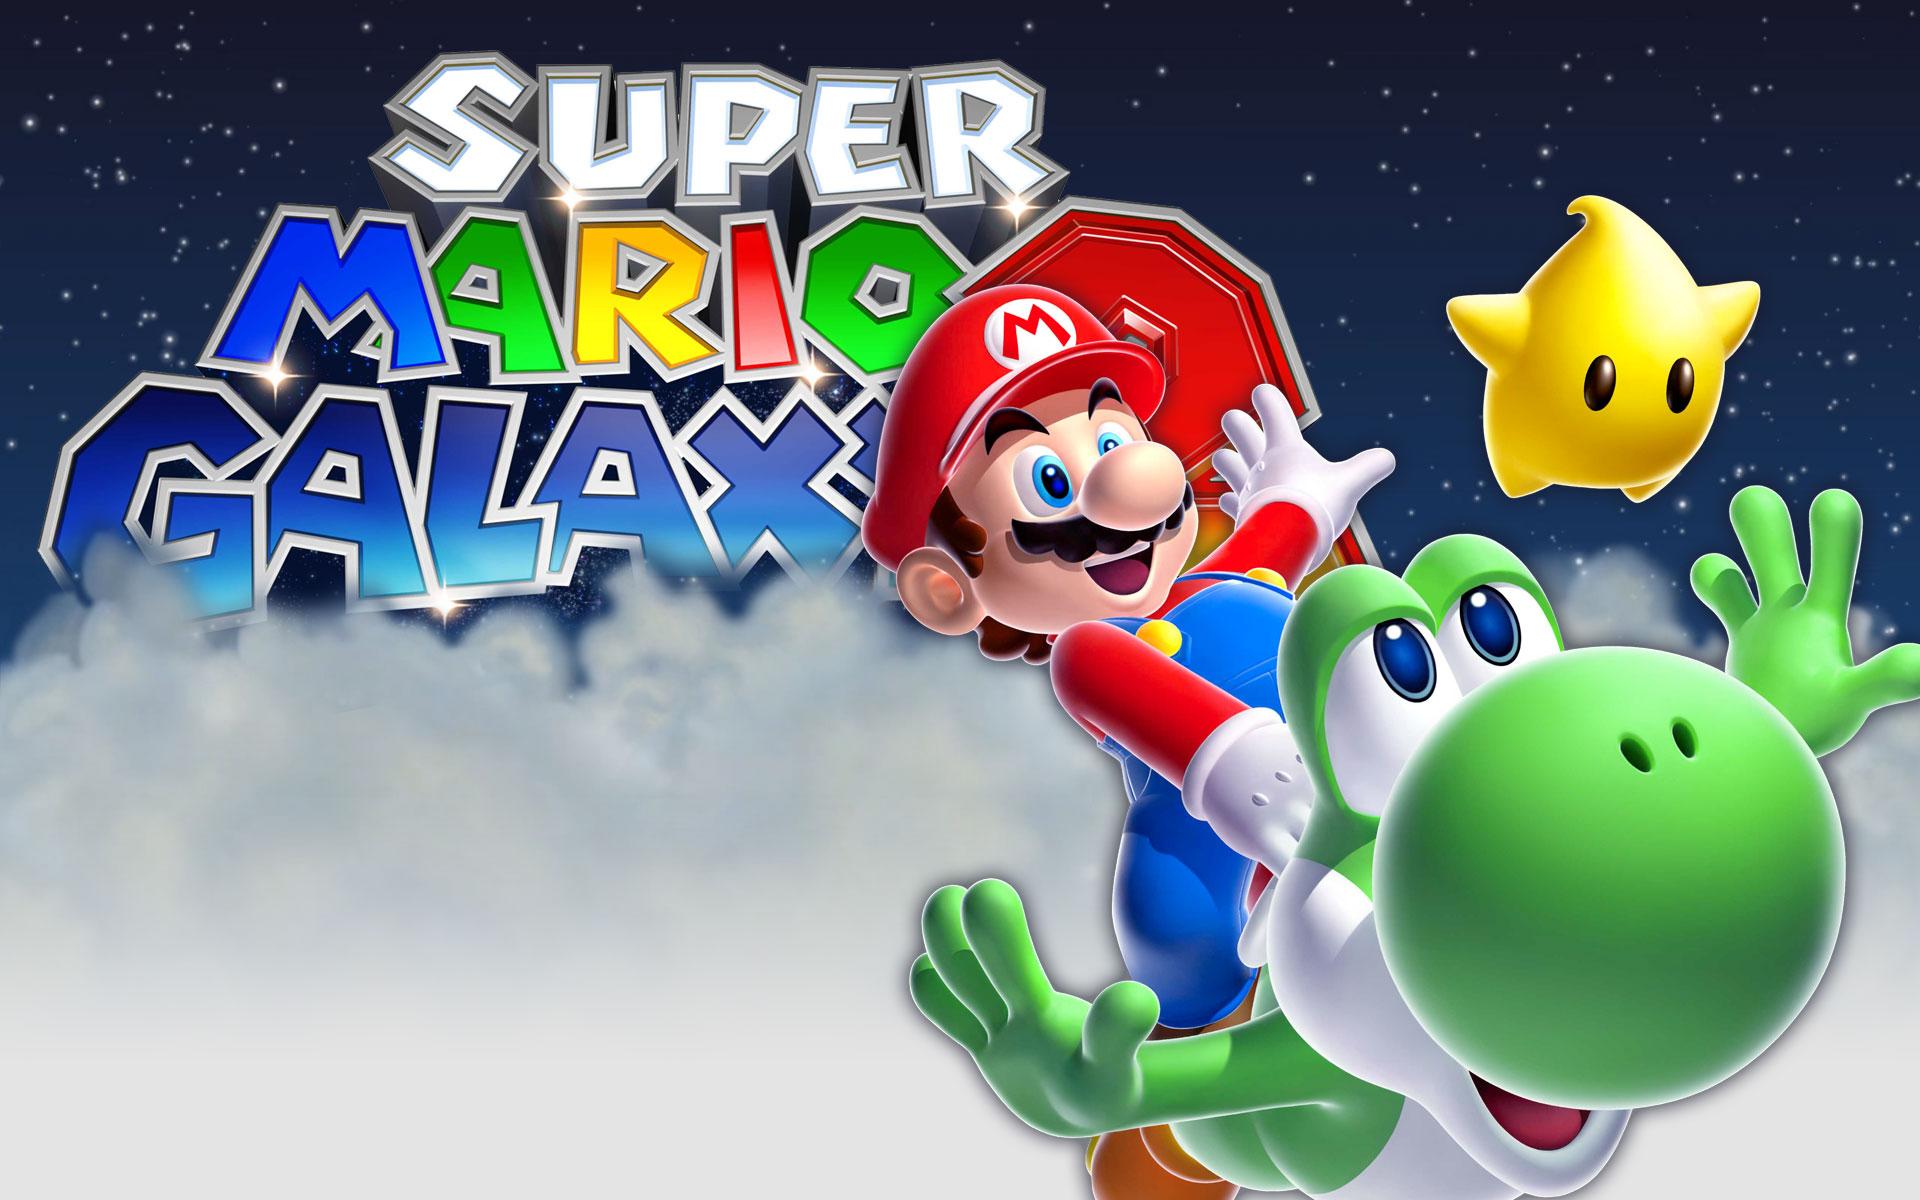 Super Mario Galaxy Wallpaper: Super Mario Galaxy 2 Wallpaper